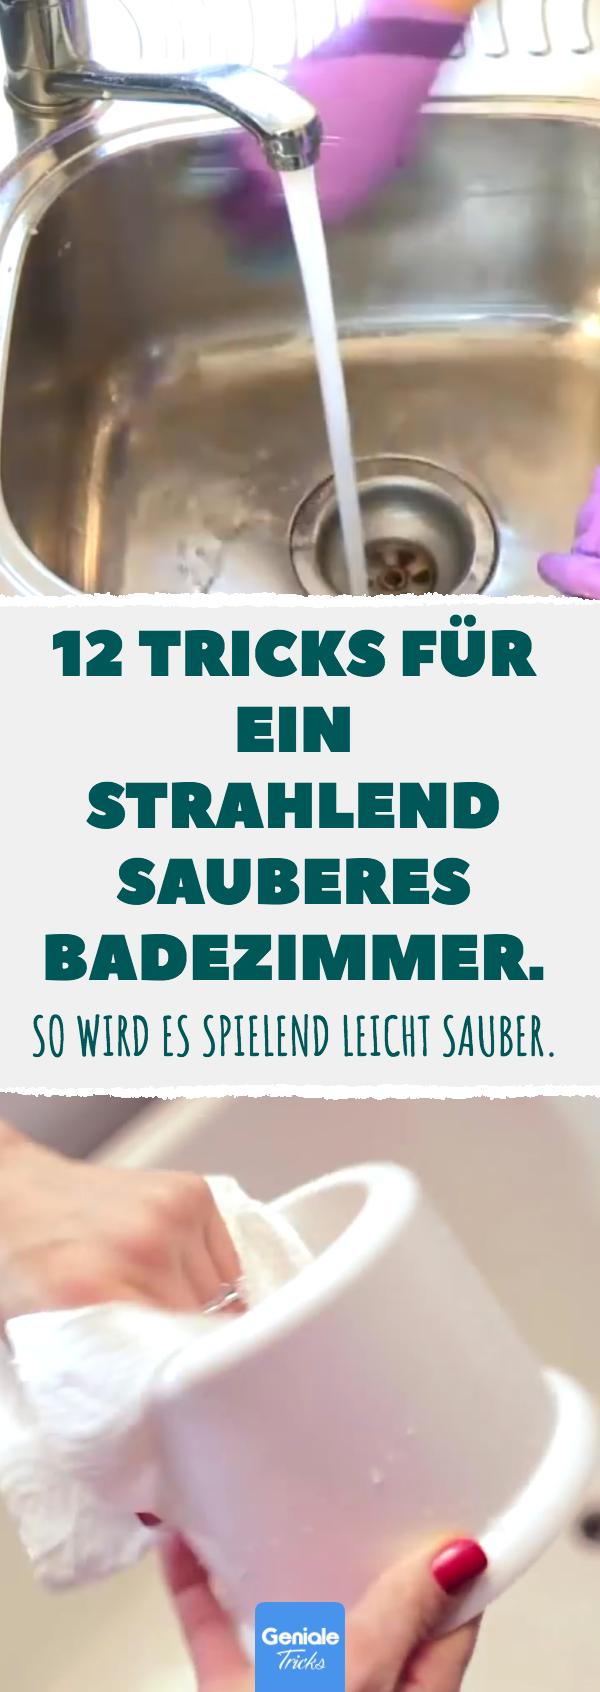 12 Tricks für ein strahlend sauberes Badezimmer. #Bad #saubermachen #putzen #Ha…